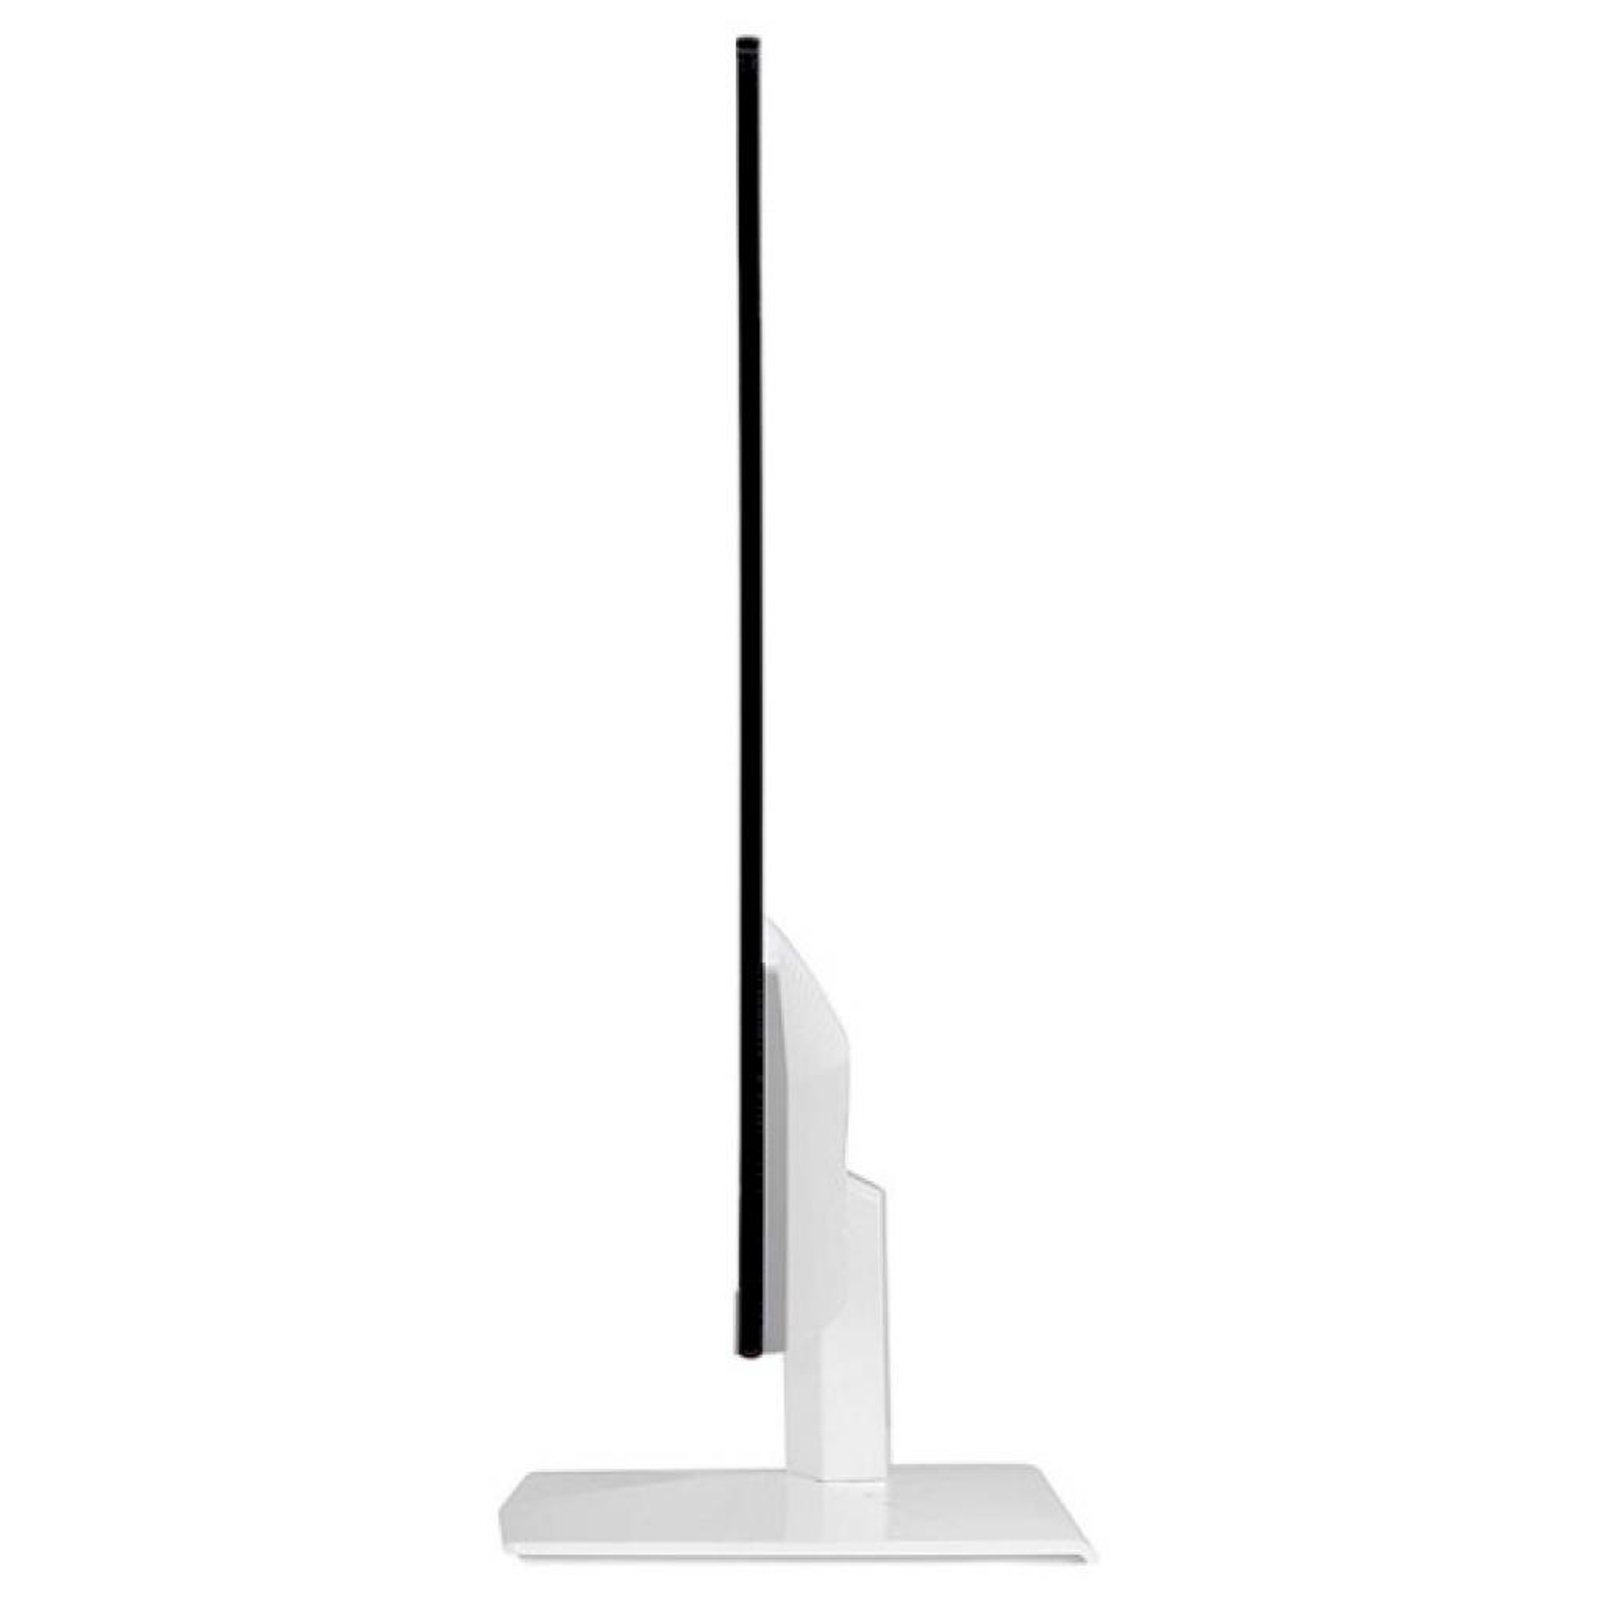 Монитор Acer HA240YAWI (UM.QW0EE.A01) изображение 7